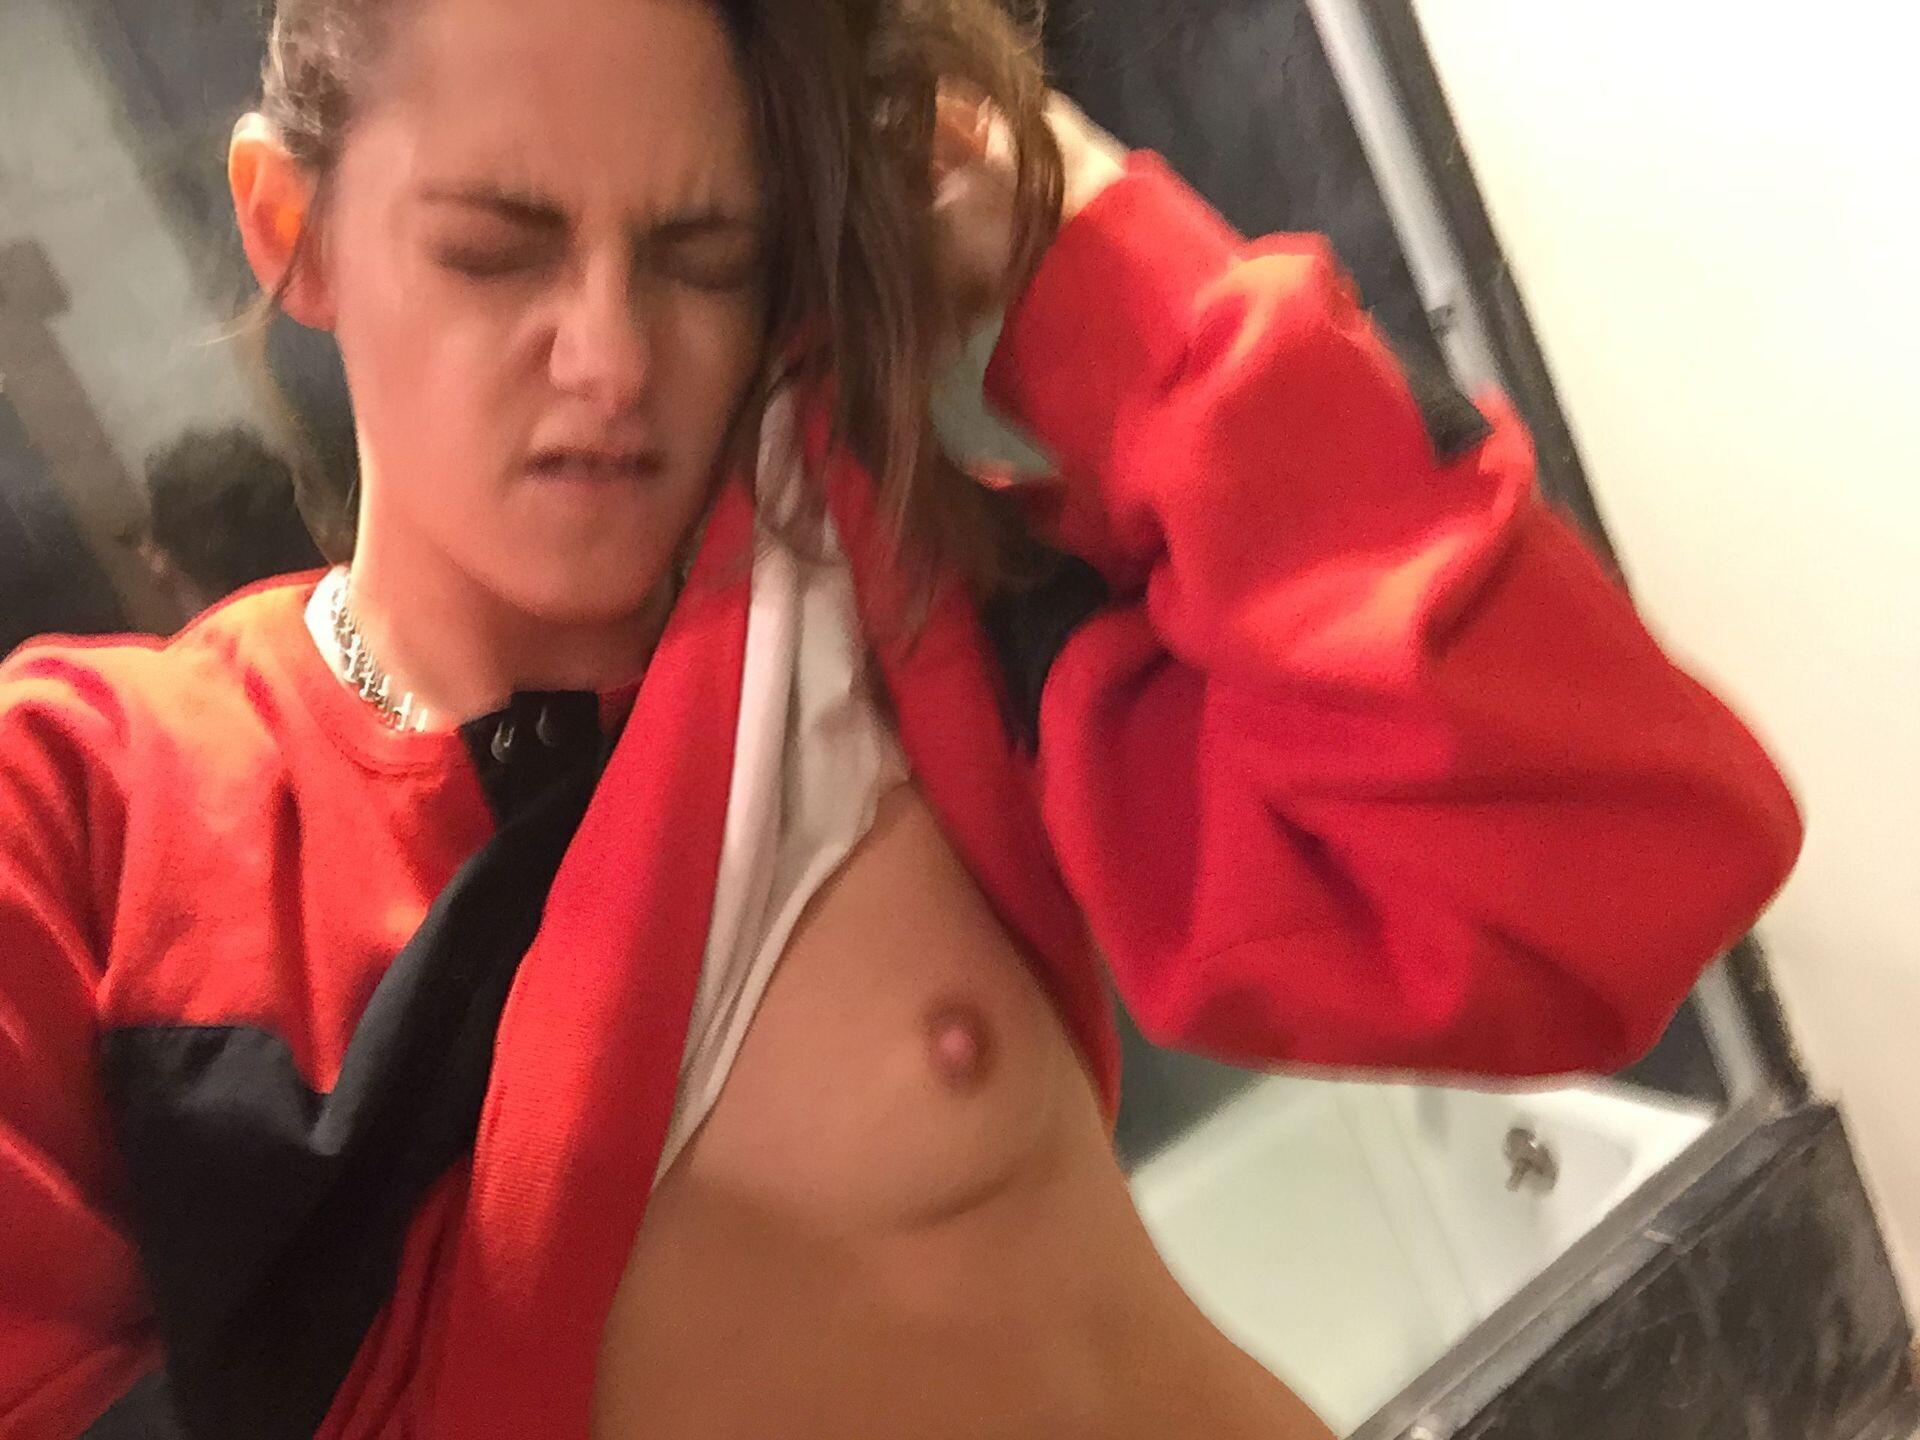 Kristen Stewart Nude Leaked 60 fappenings.com